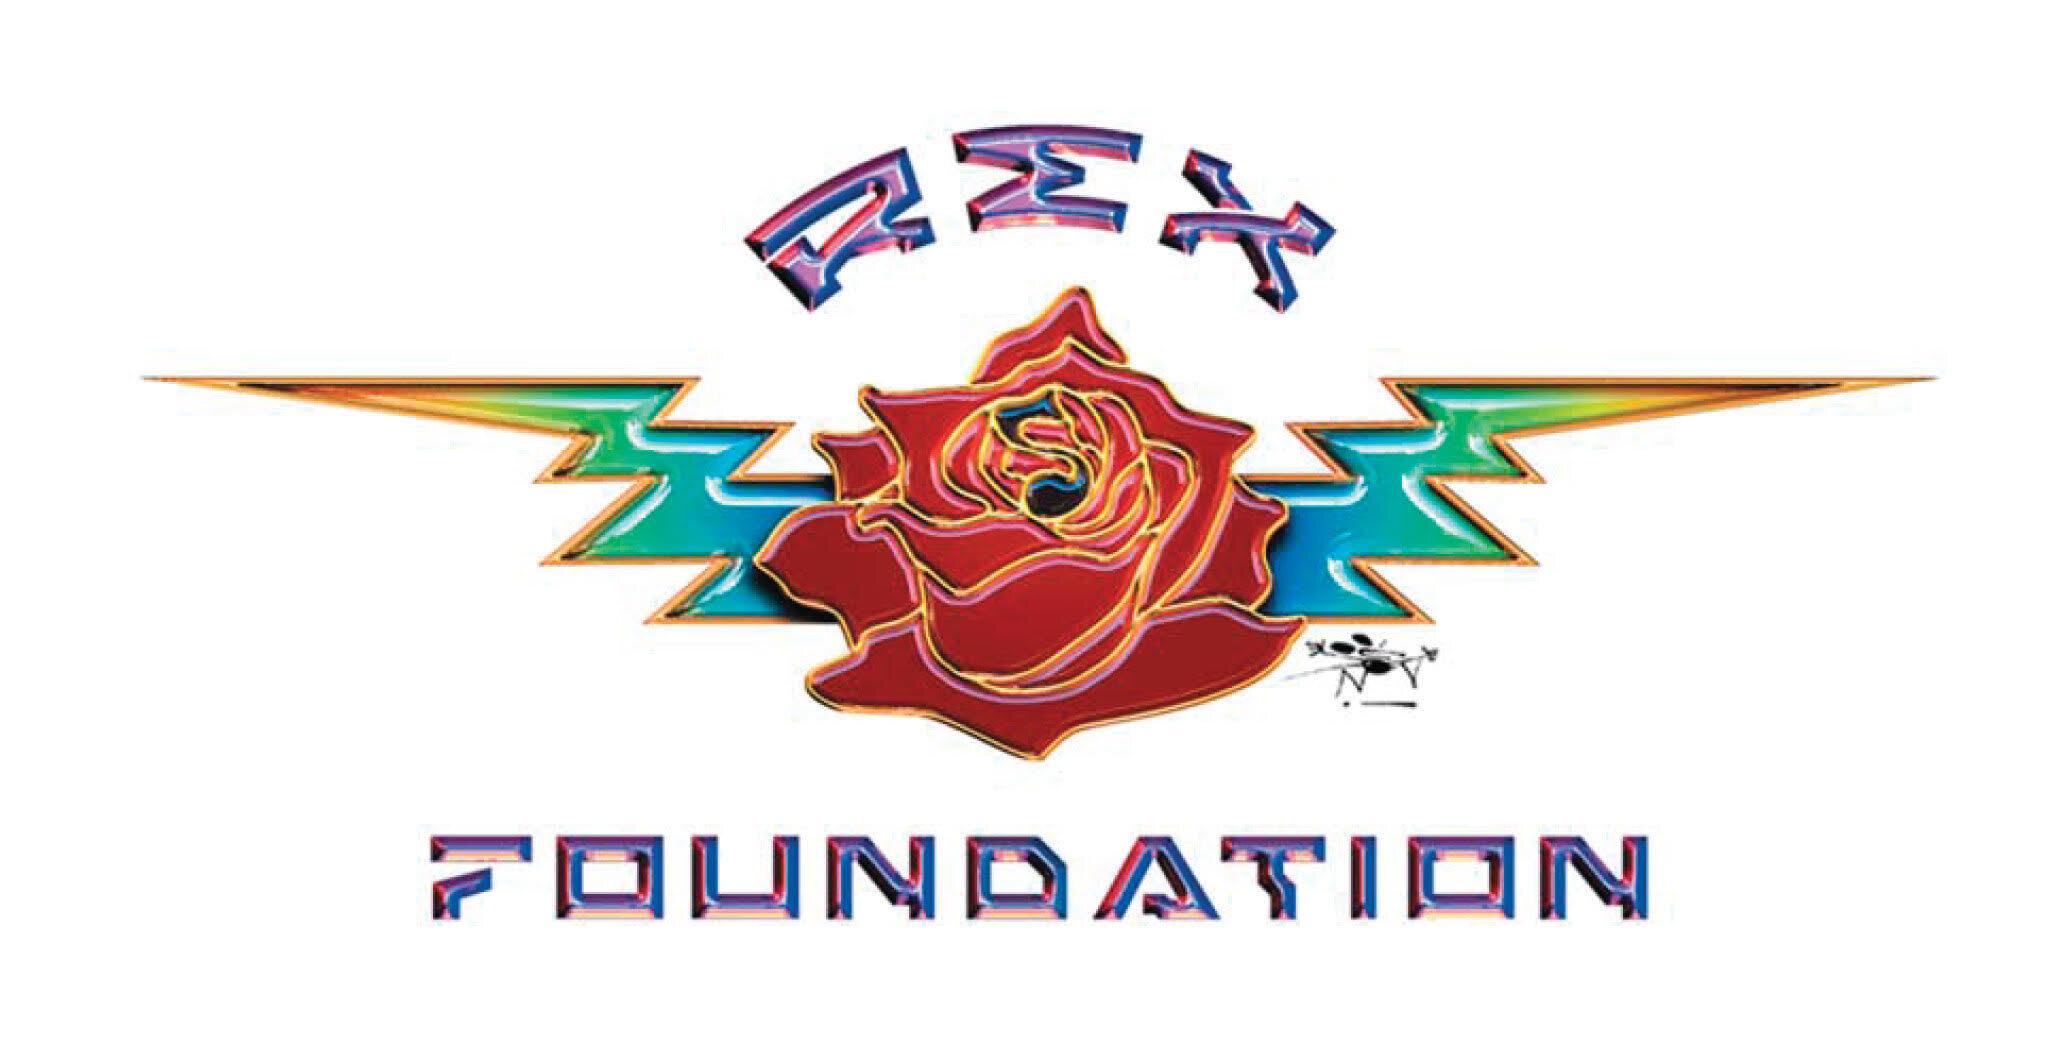 Rex_logo.jpg